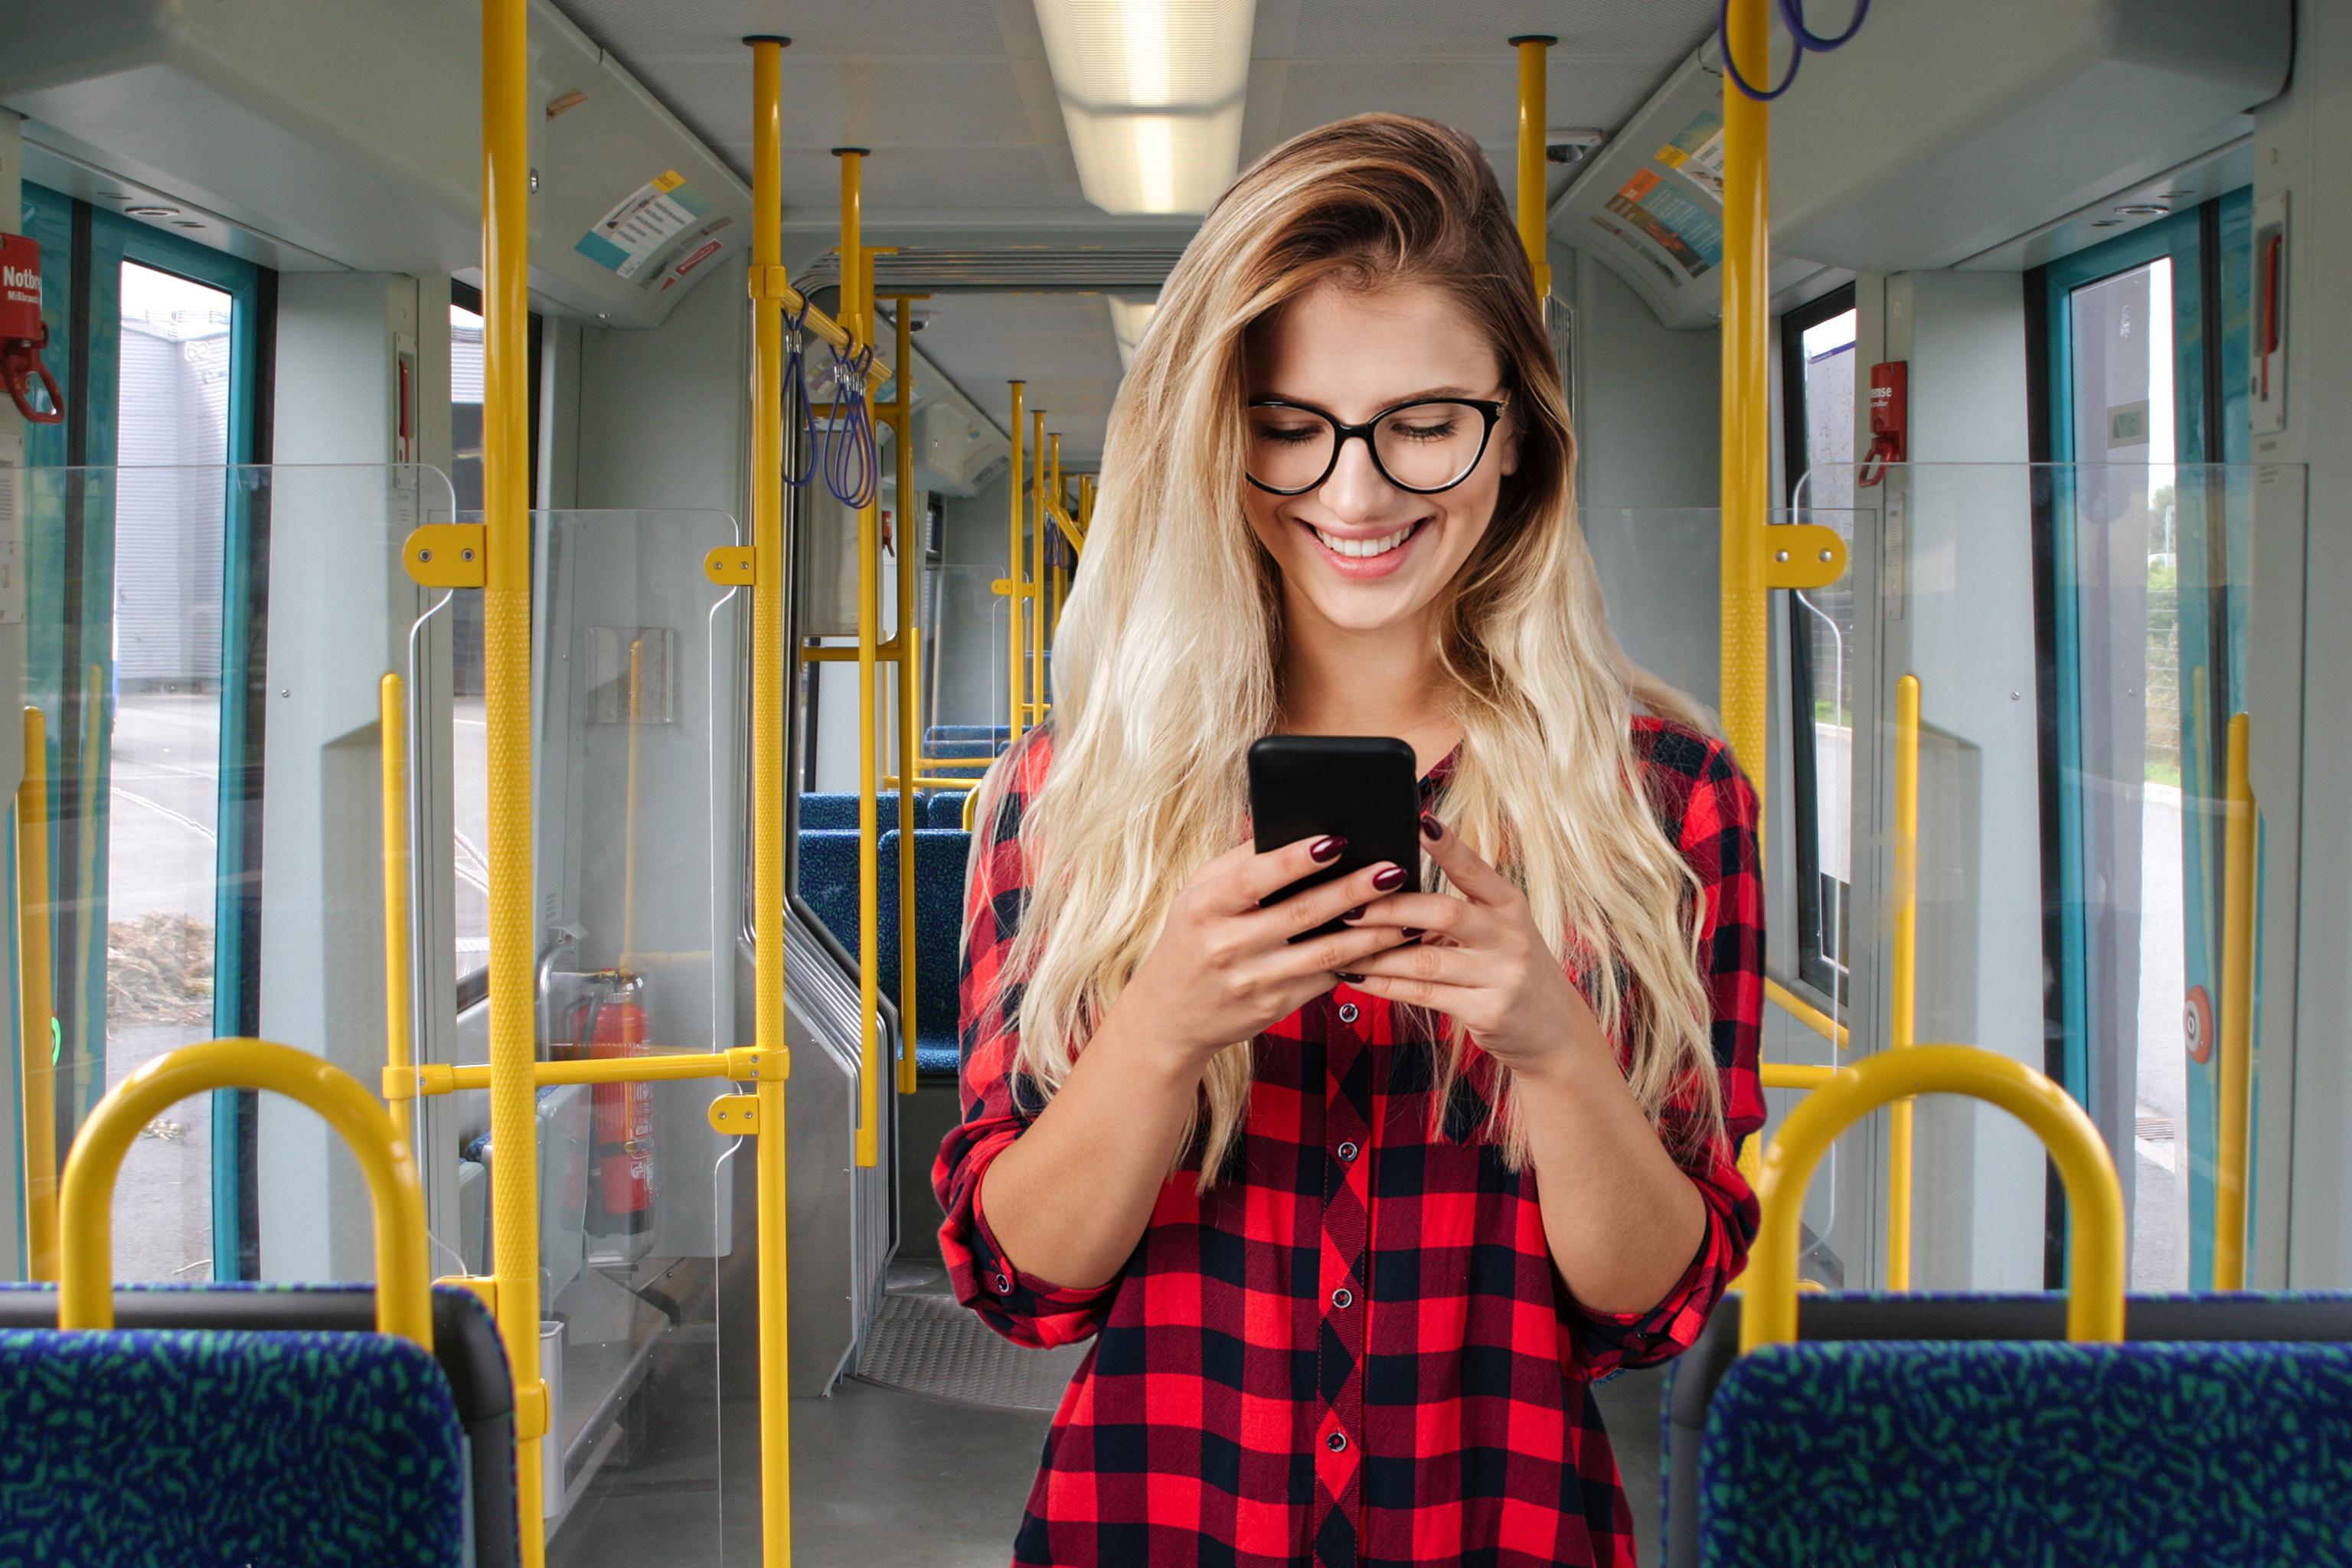 Junge Frau schaut lächelnd auf ihr Handy in der Bahn.